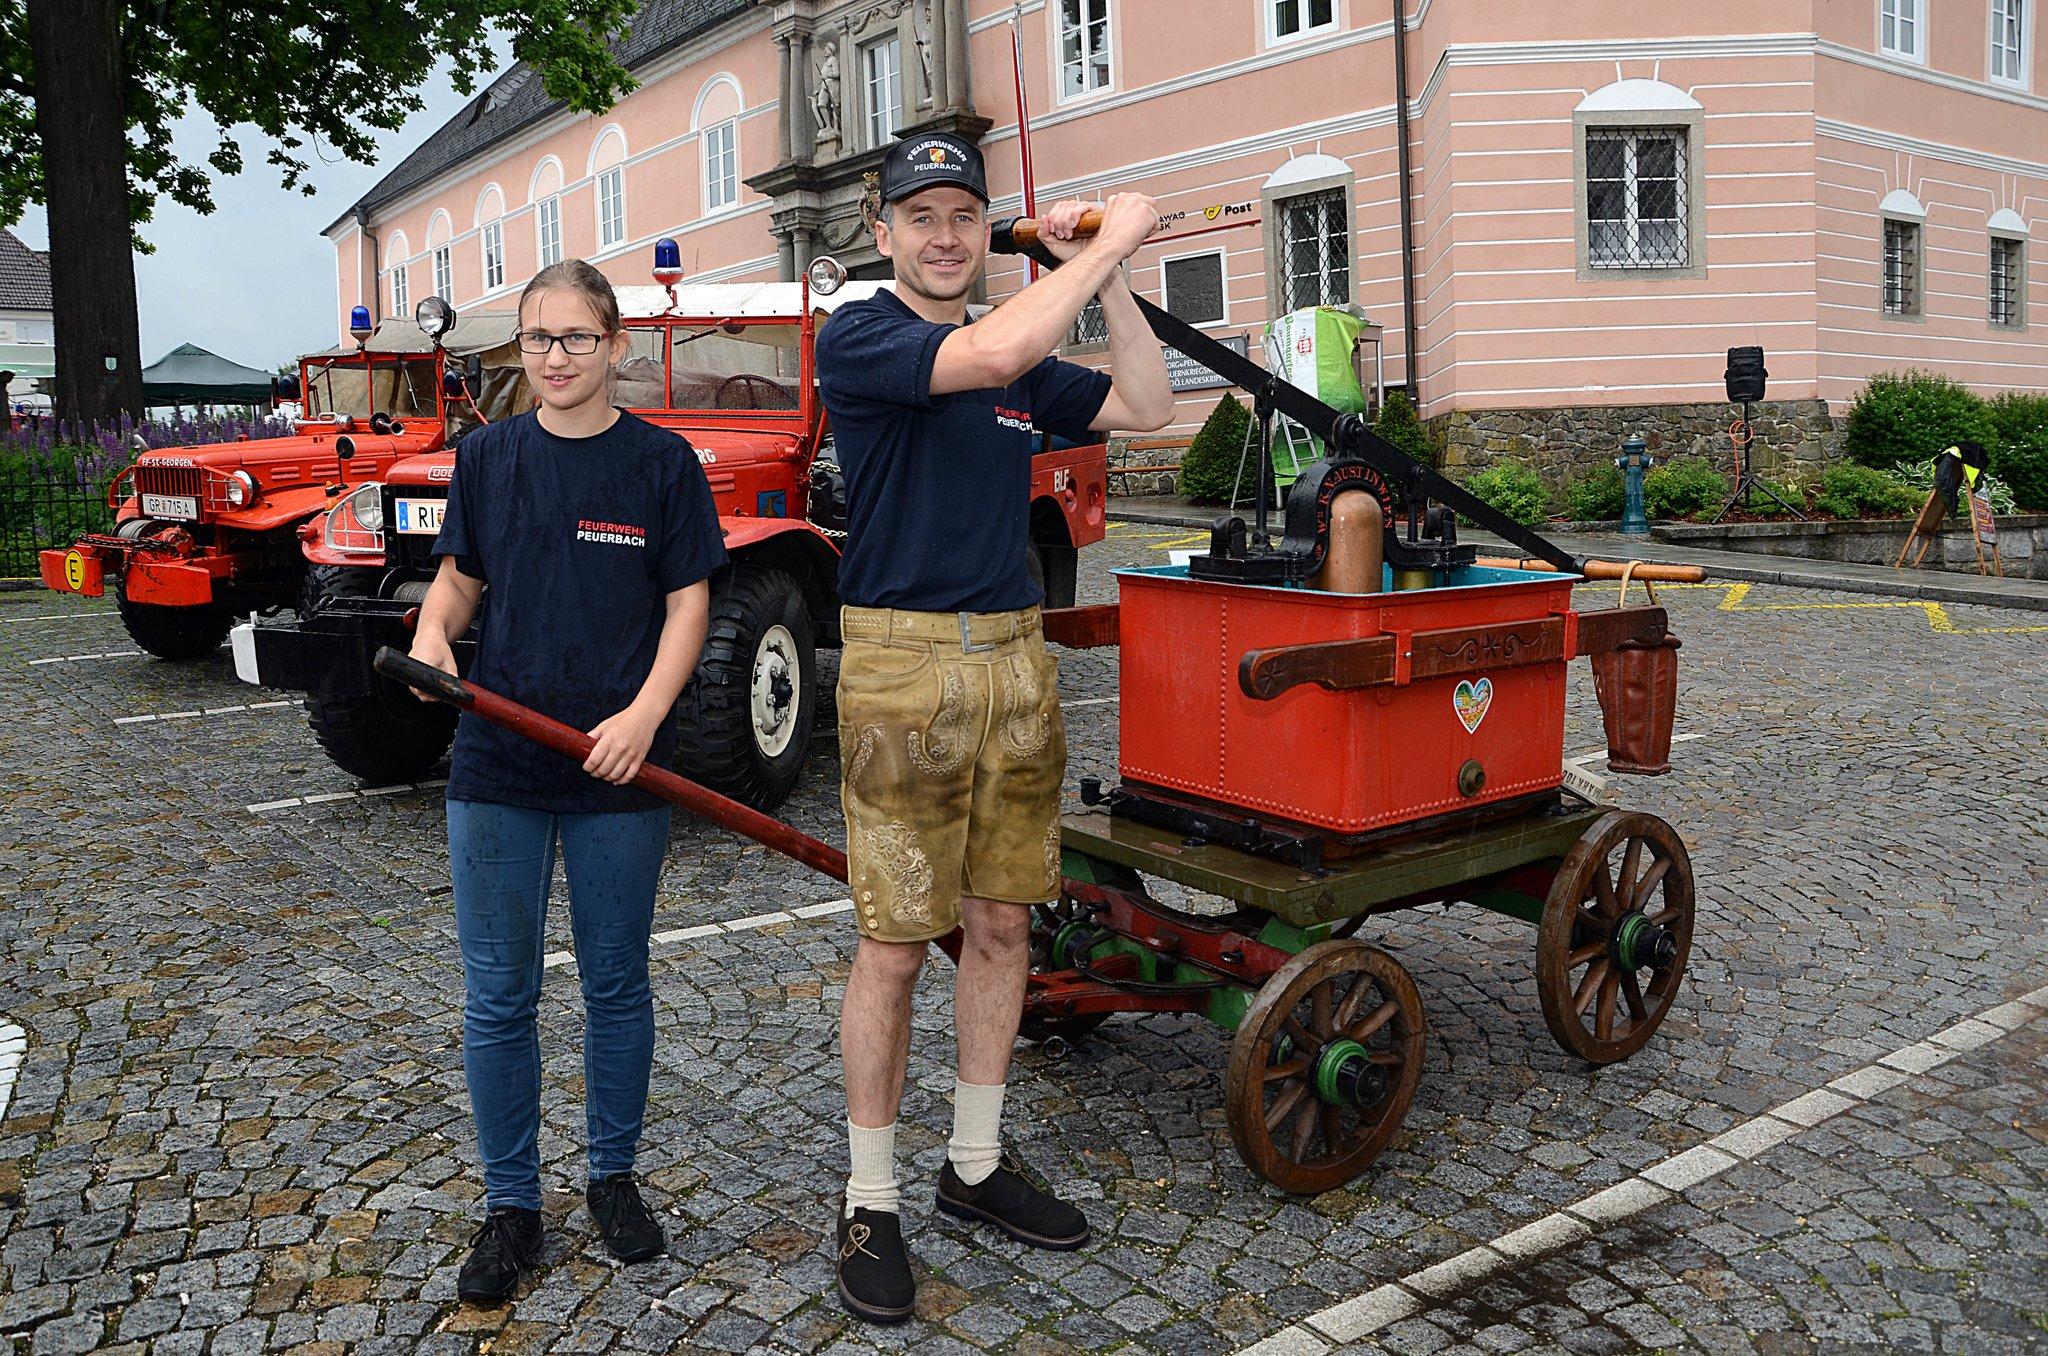 Aktivitten im Jahr 2019 - Stadtgemeinde Peuerbach